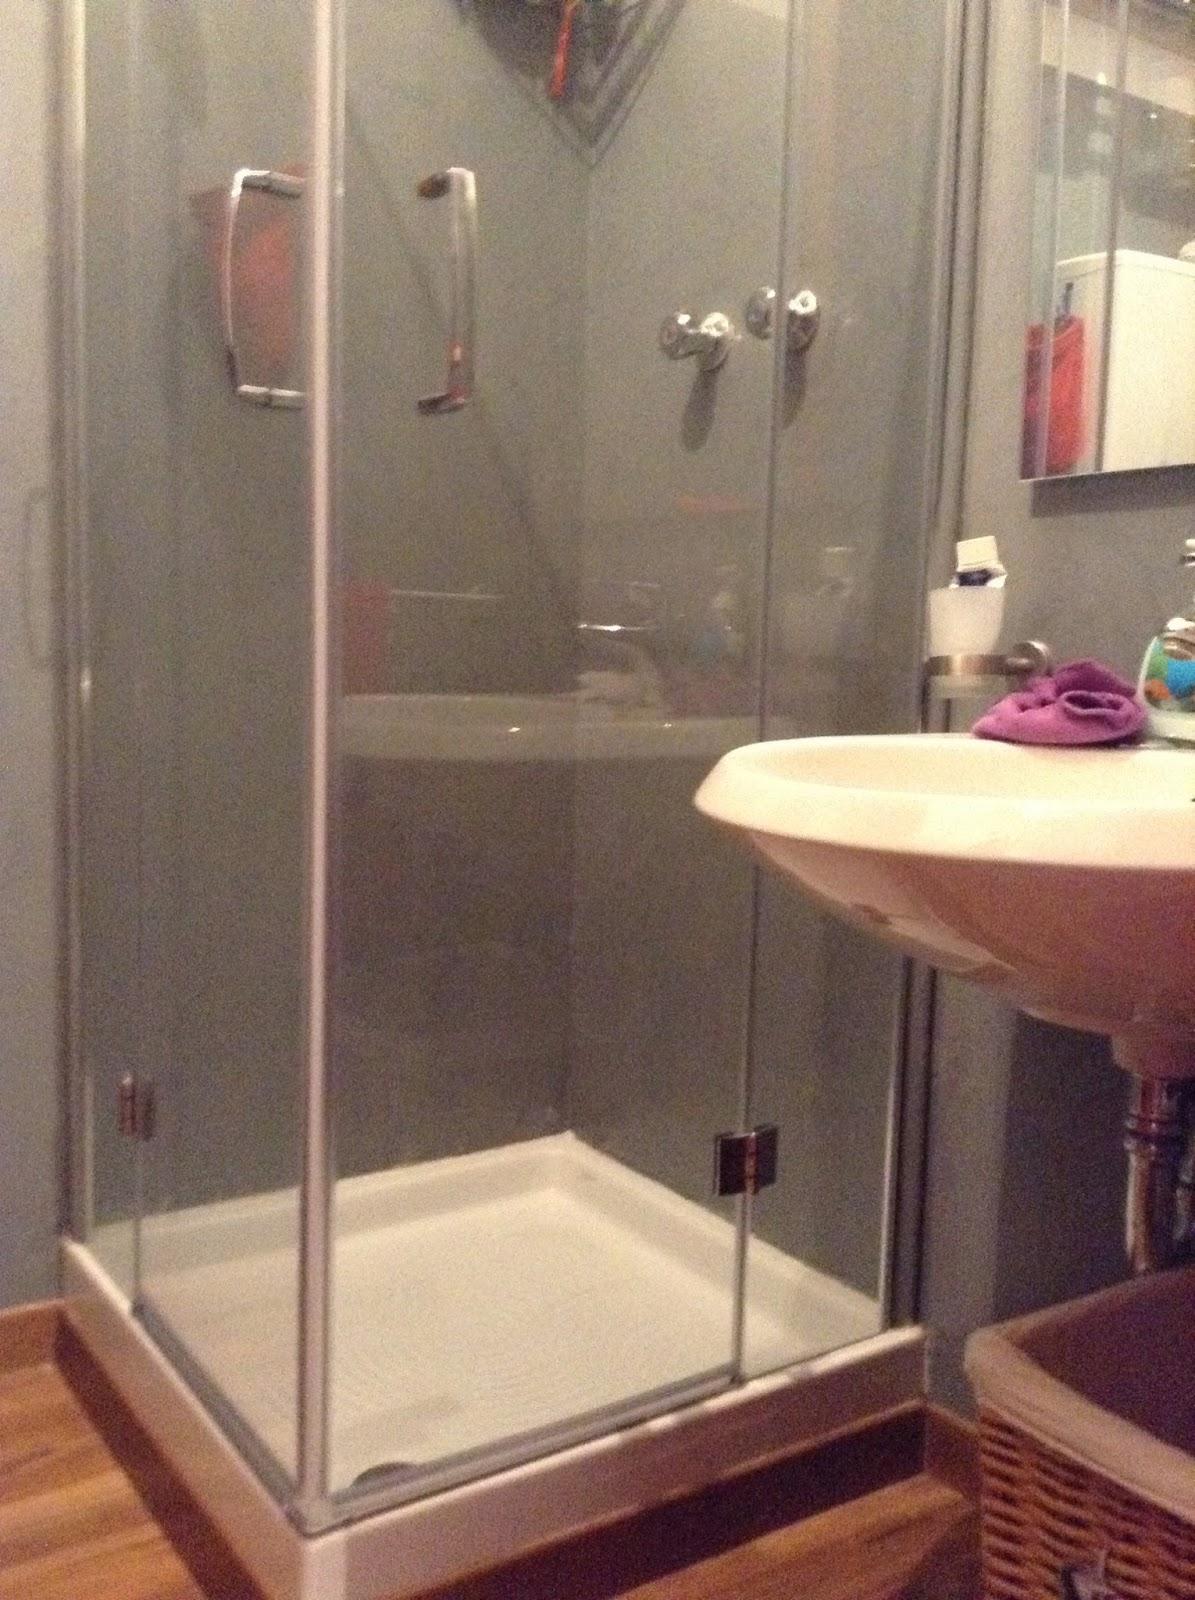 Coprire le piastrelle del bagno - Verniciare piastrelle pavimento ...